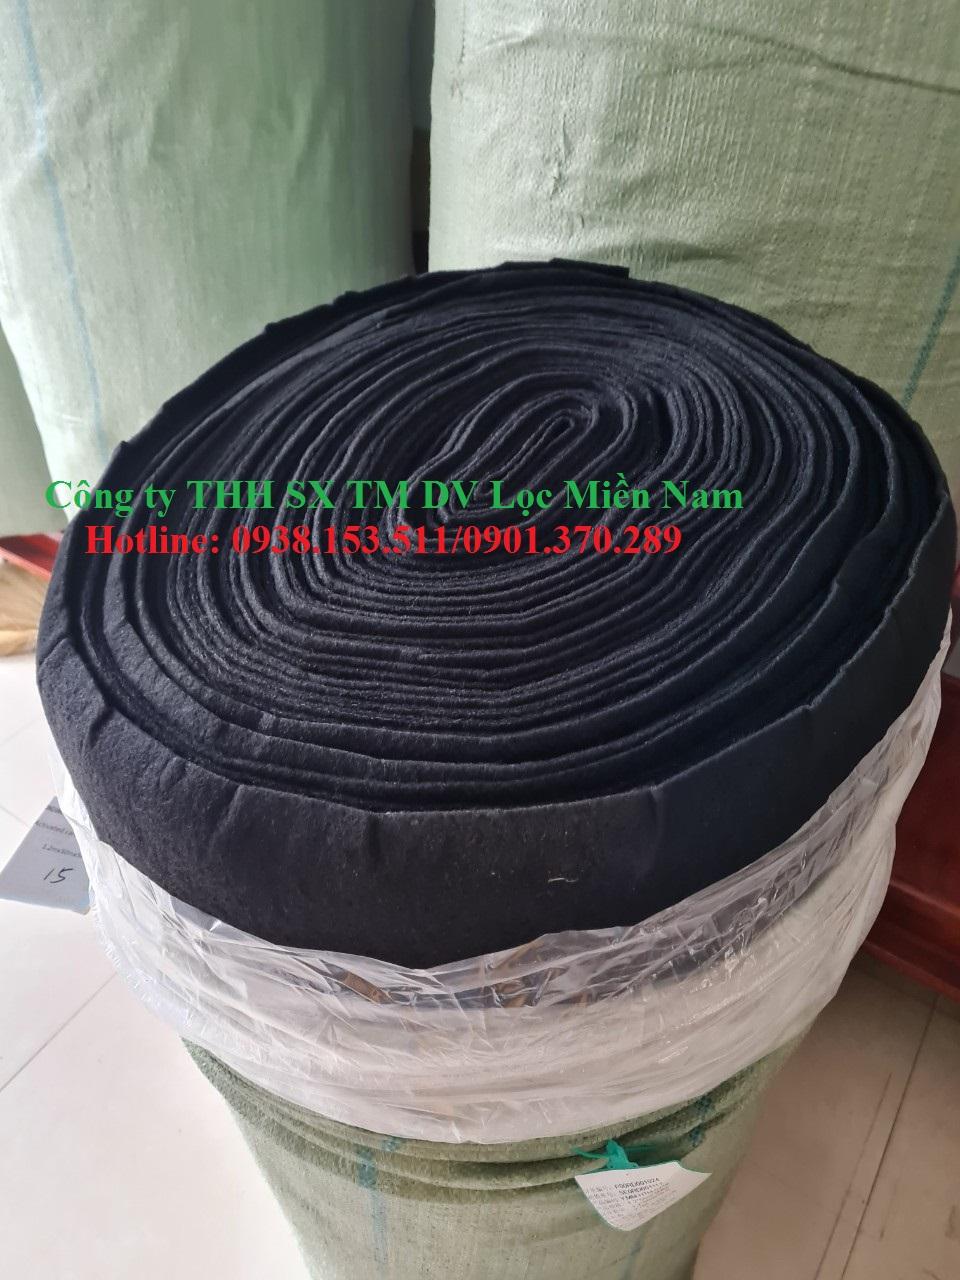 Cuộn bông than hoạt tính dày 5mm khổ 1.2mx50m